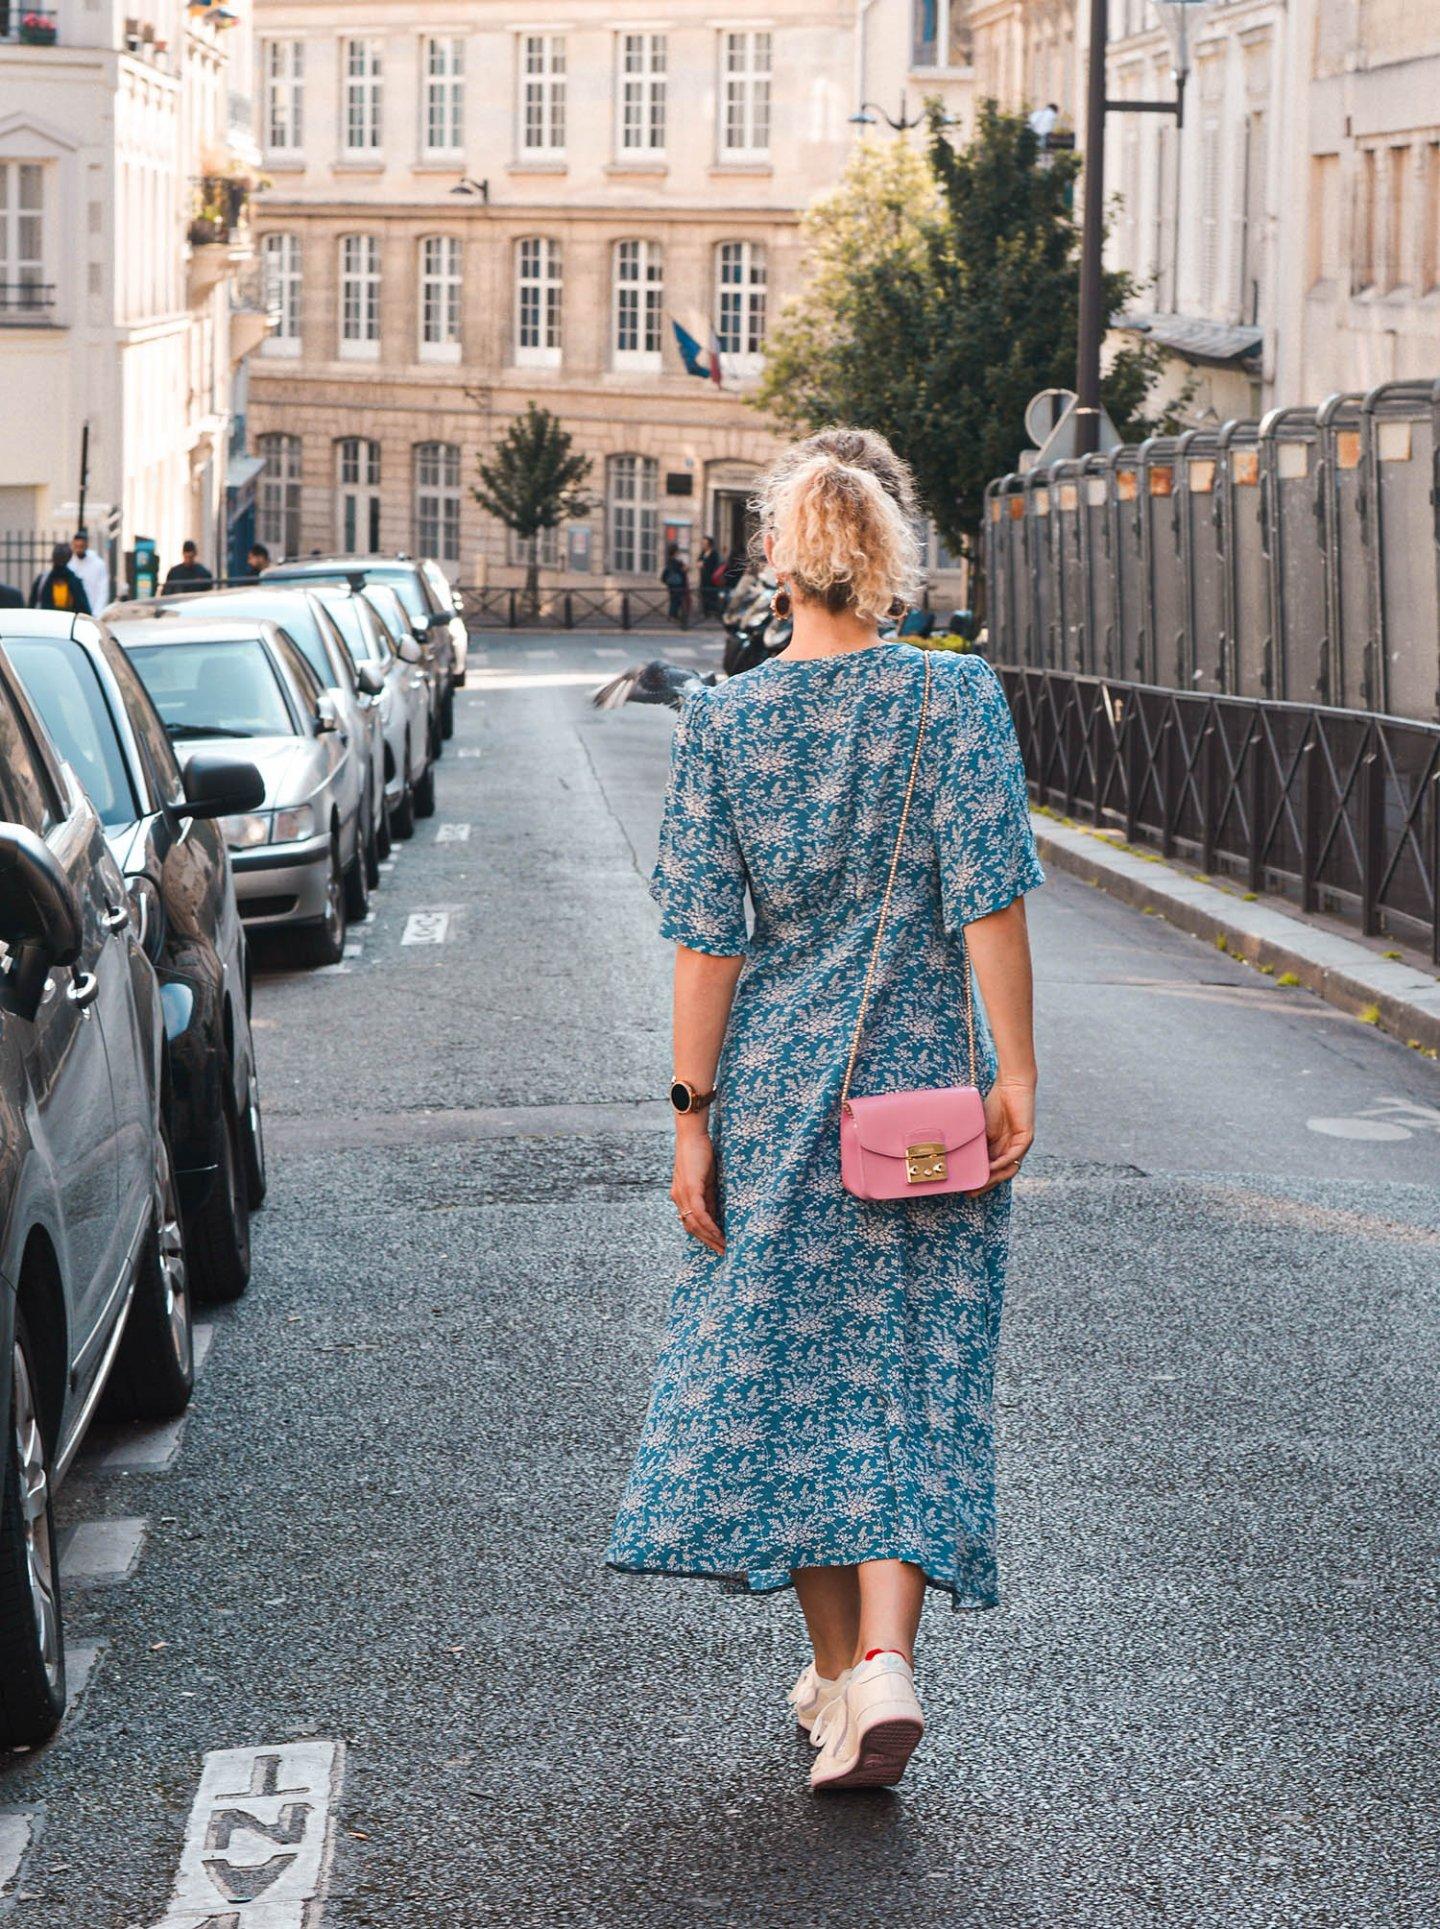 midikleid in den Straßen von paris